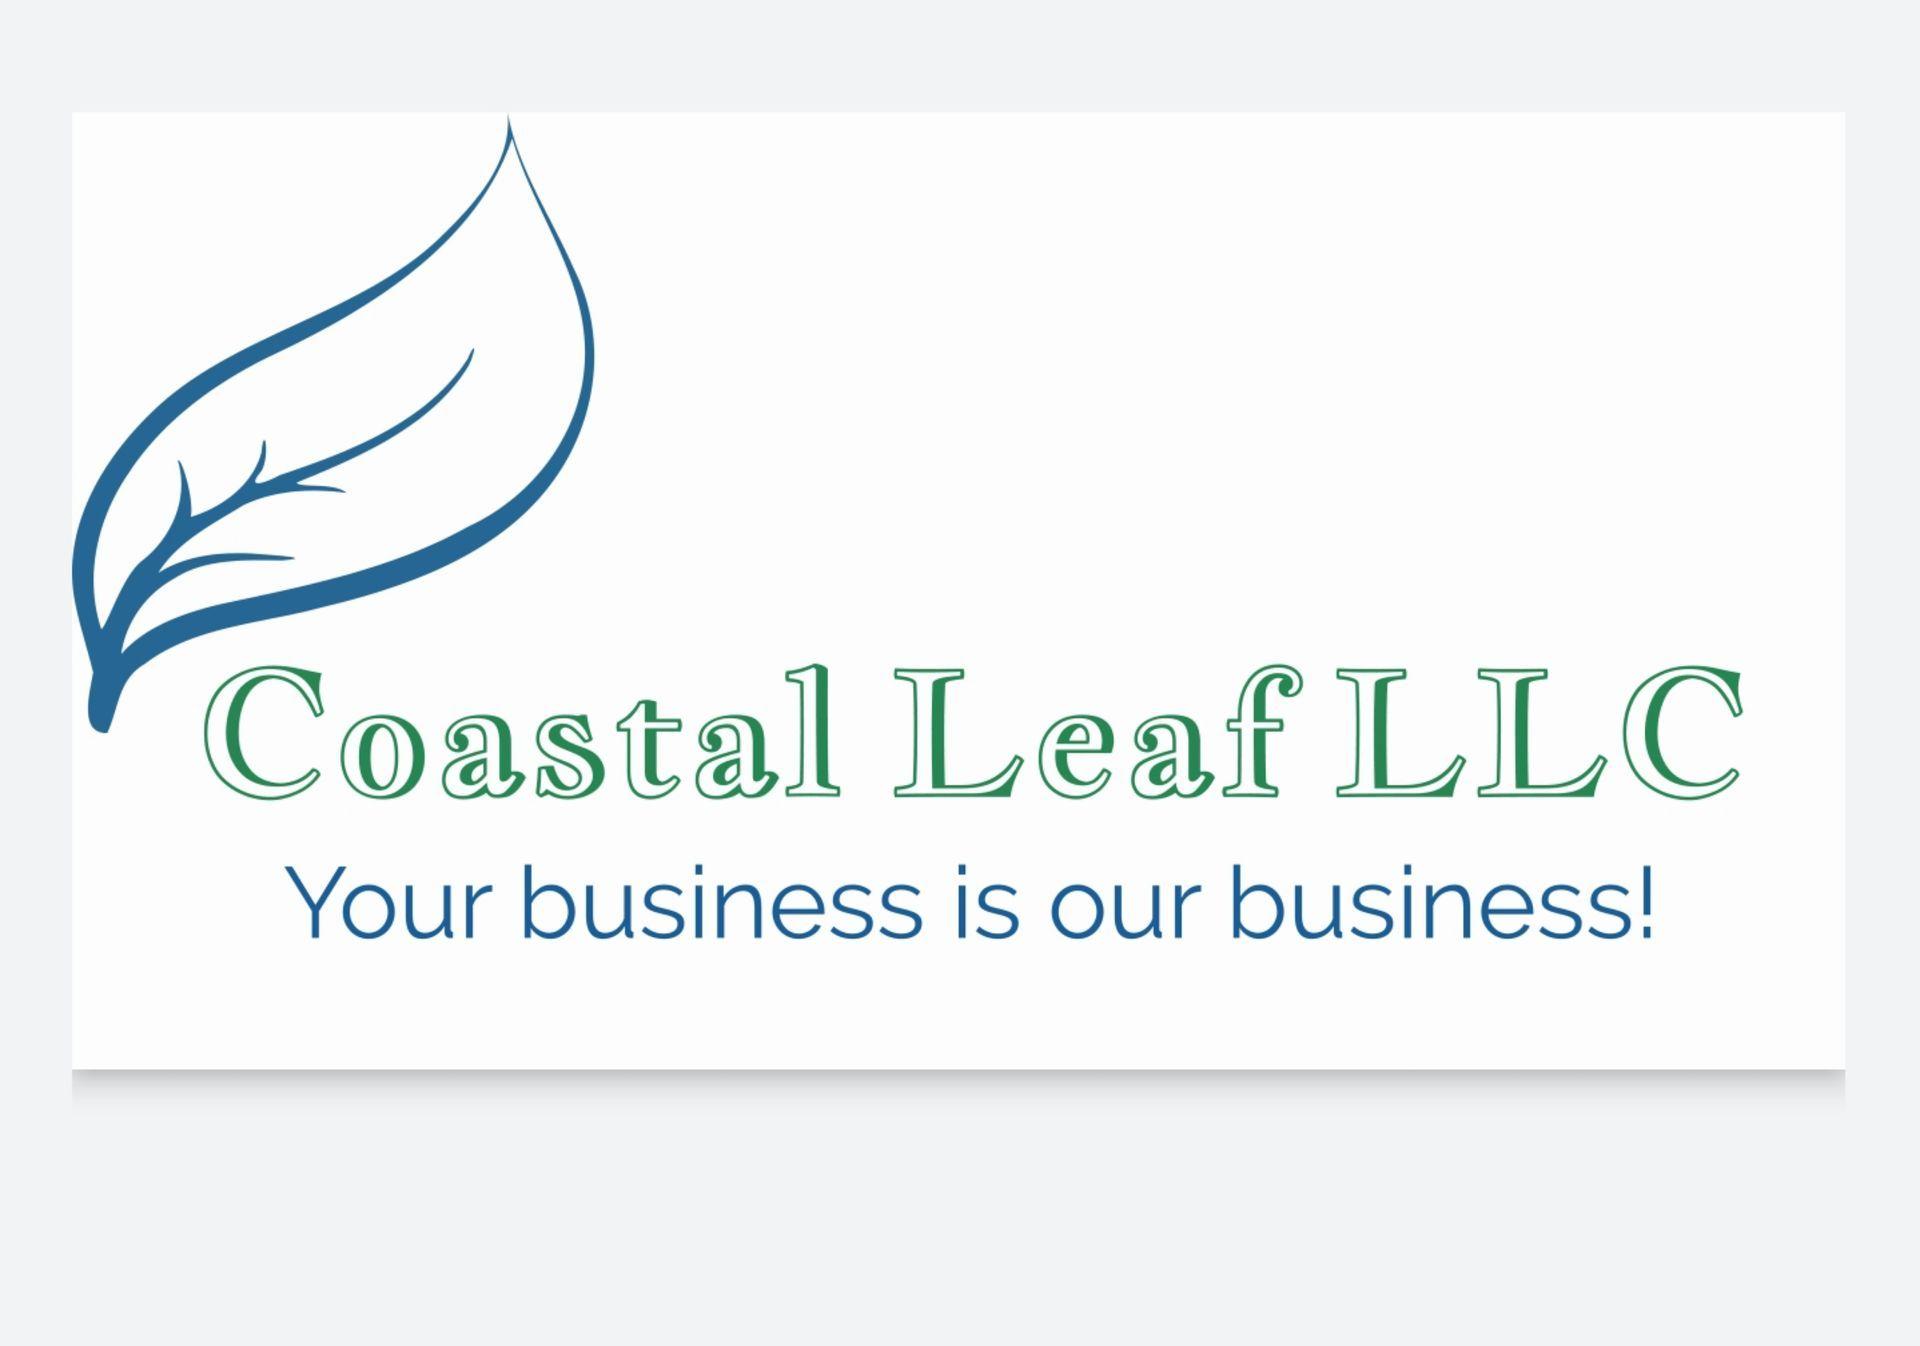 Coastal Leaf LLC